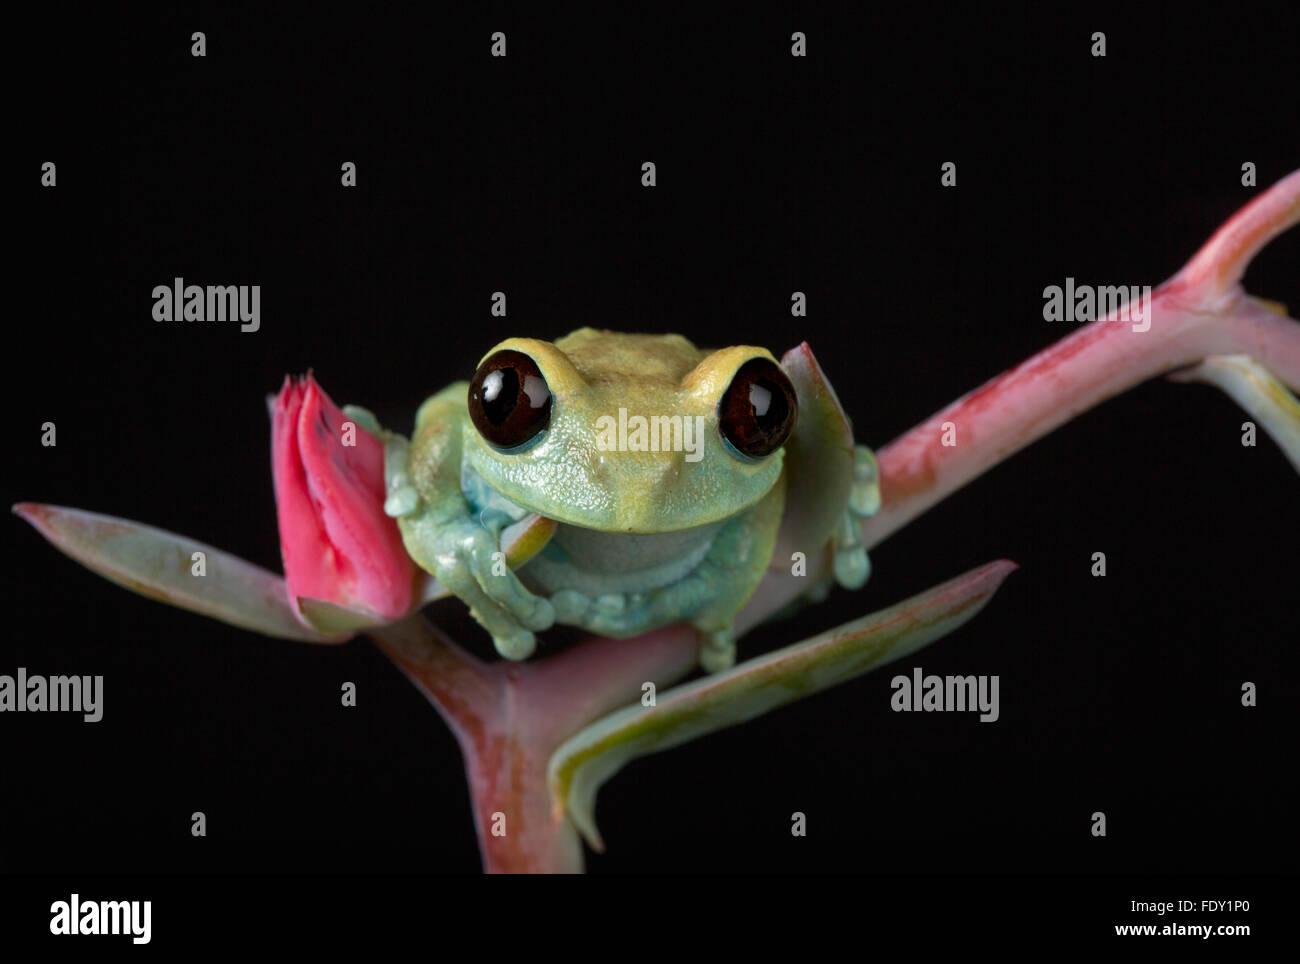 Maroon Eyed Tree Frog - Stock Image